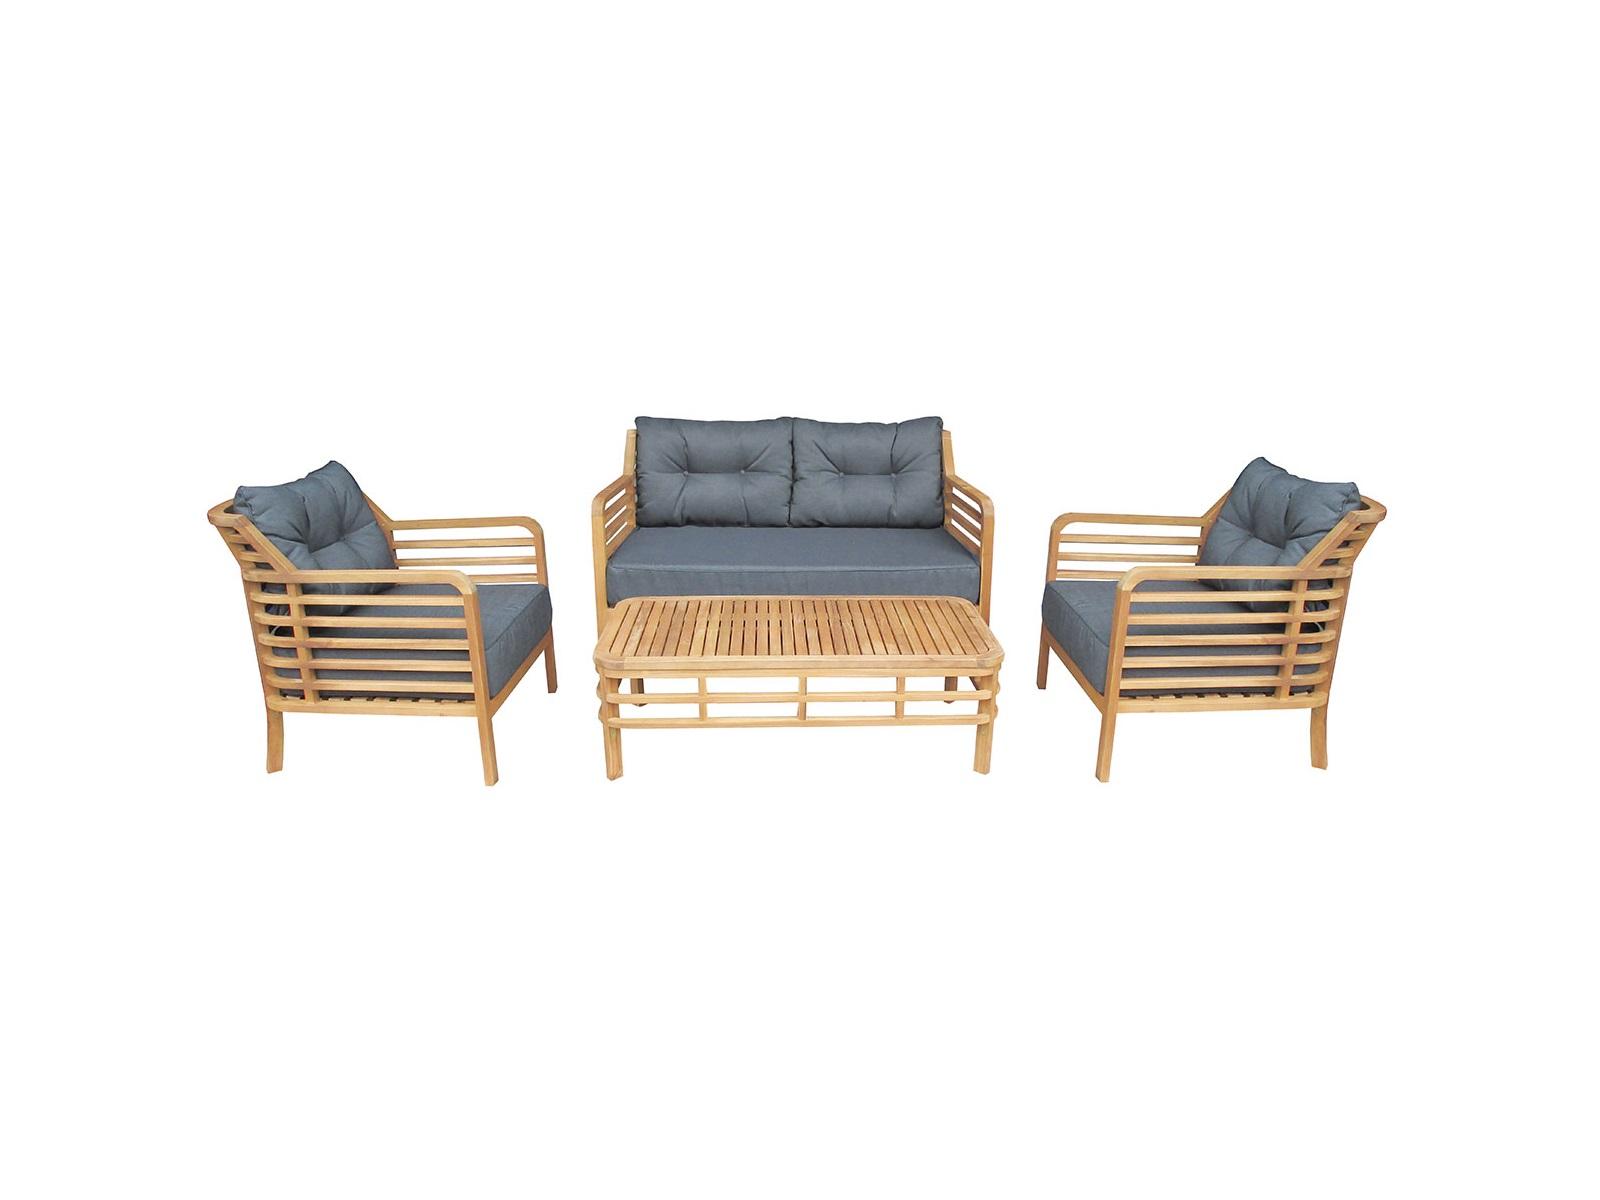 Комплект ColoradoКомплекты уличной мебели<br>Colorado включает два кресла, двухместный диван и стол. Комплект изготовлен из акации, окрашенной в цвет &amp;quot;тик&amp;quot;.<br>Подушки входят в стоимость данного комплекта.&amp;lt;div&amp;gt;&amp;lt;br&amp;gt;&amp;lt;/div&amp;gt;&amp;lt;div&amp;gt;Размеры:&amp;lt;/div&amp;gt;&amp;lt;div&amp;gt;Кресло:<br>Длина: 79,5 см; Ширина: 72 см; Высота: 75 см;&amp;lt;/div&amp;gt;&amp;lt;div&amp;gt;Стол:<br>Длина: 110 см; Ширина: 60 см; Высота: 35 см;&amp;lt;/div&amp;gt;<br><br>Material: Дерево<br>Width см: 137<br>Depth см: 79<br>Height см: 75